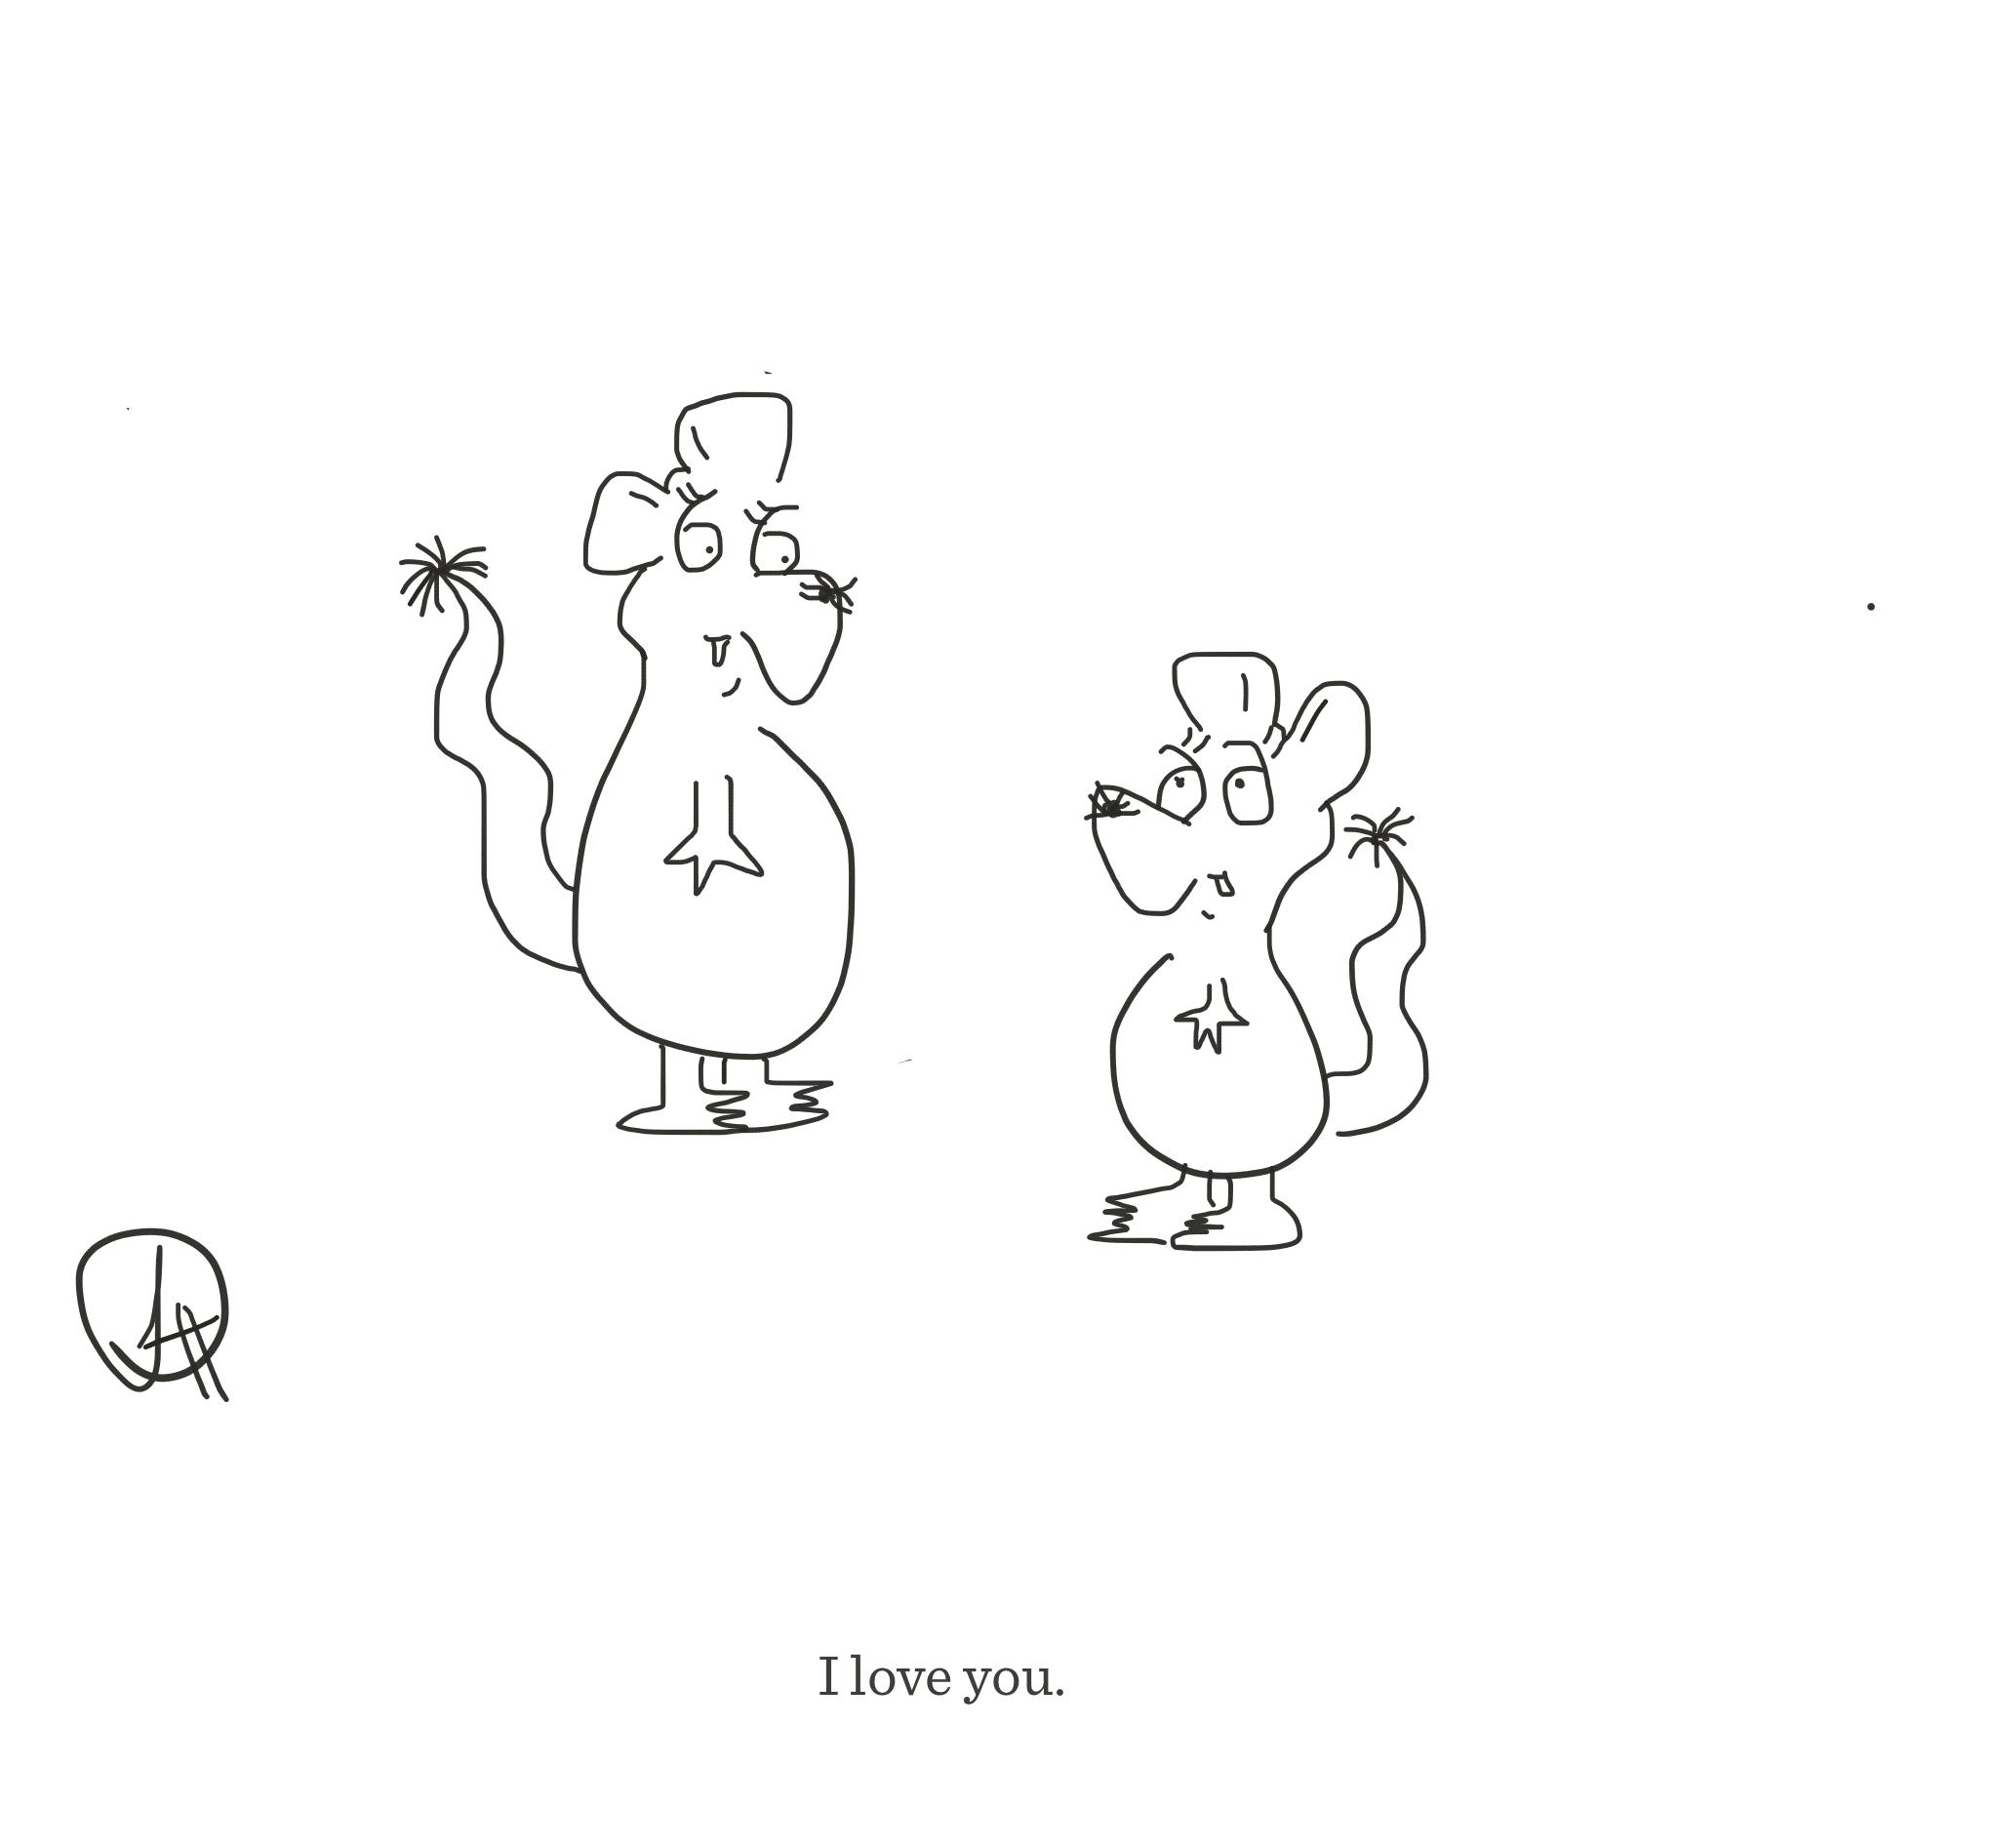 I love you, The Happy Rat cartoon